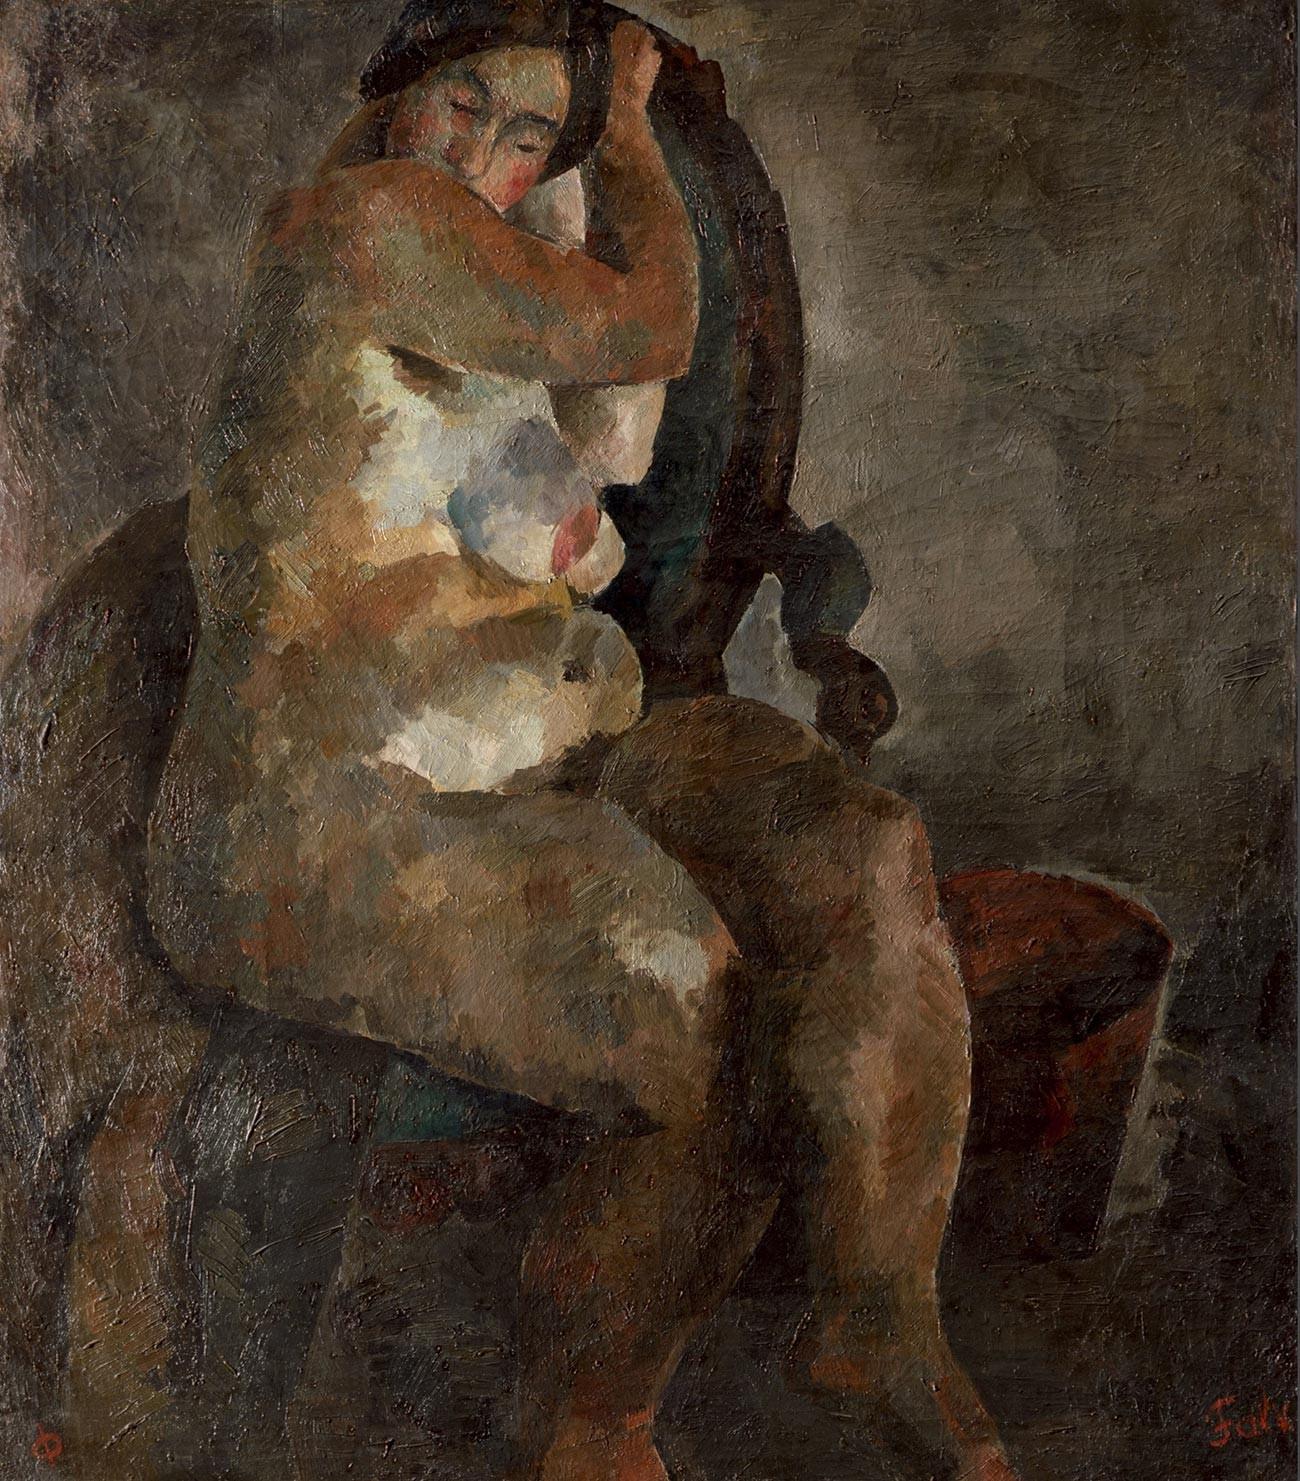 肘掛け椅子の裸婦、1920〜1923年